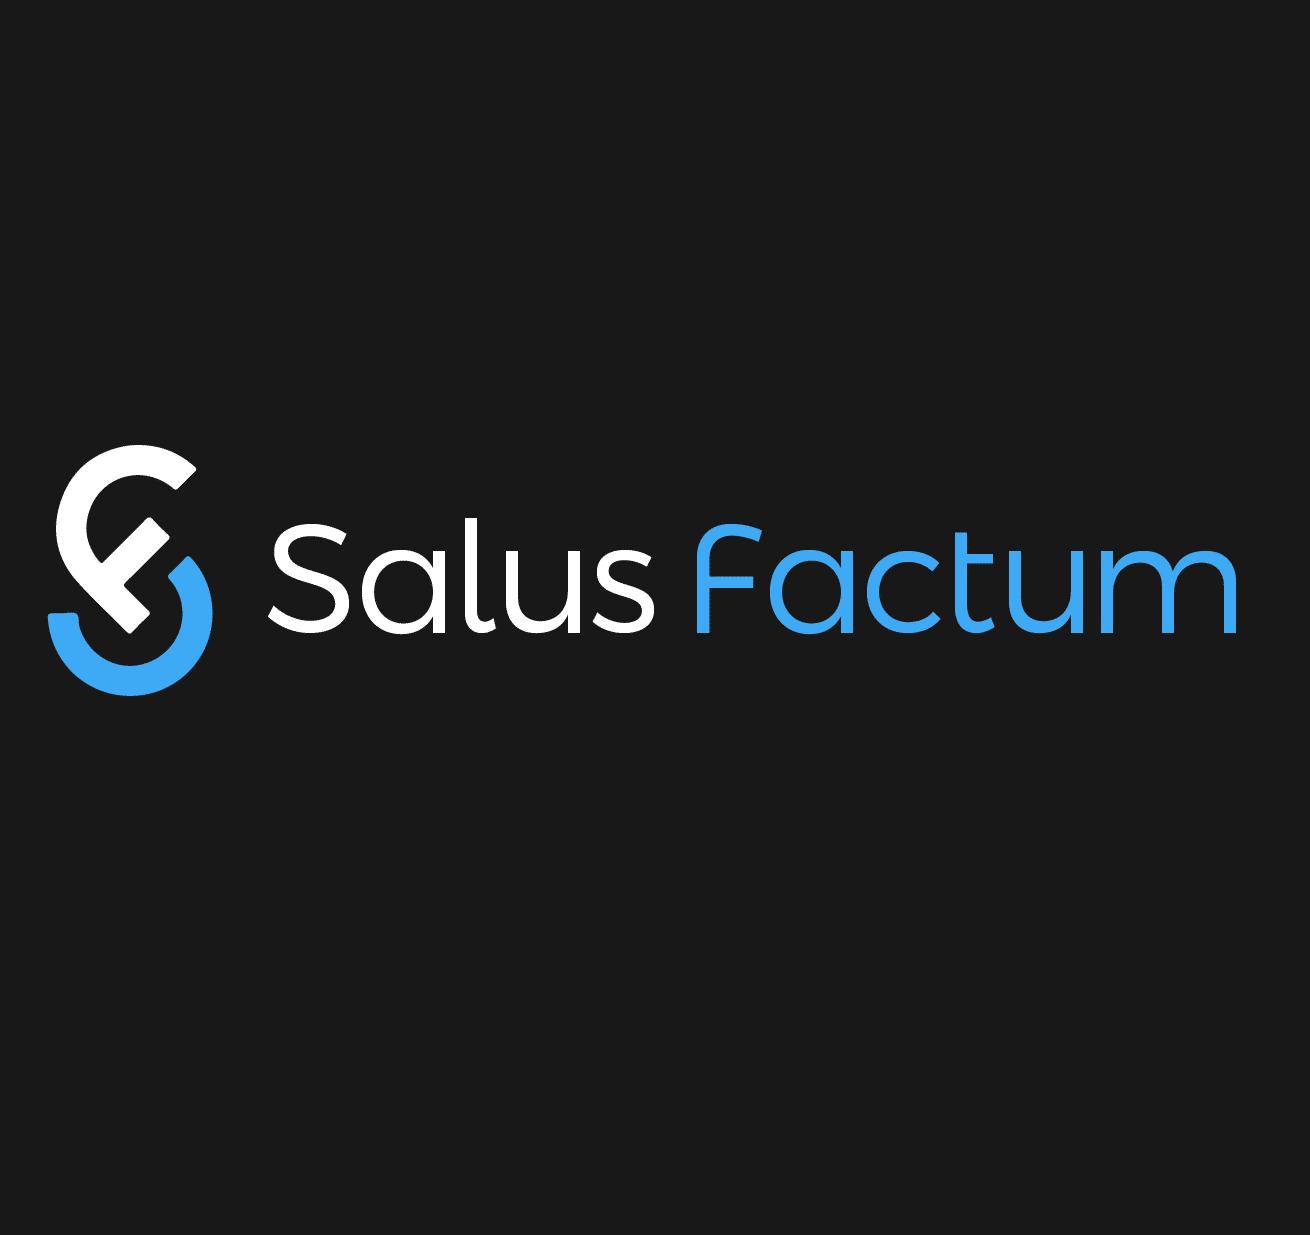 Salus_Factum_Square_1.3